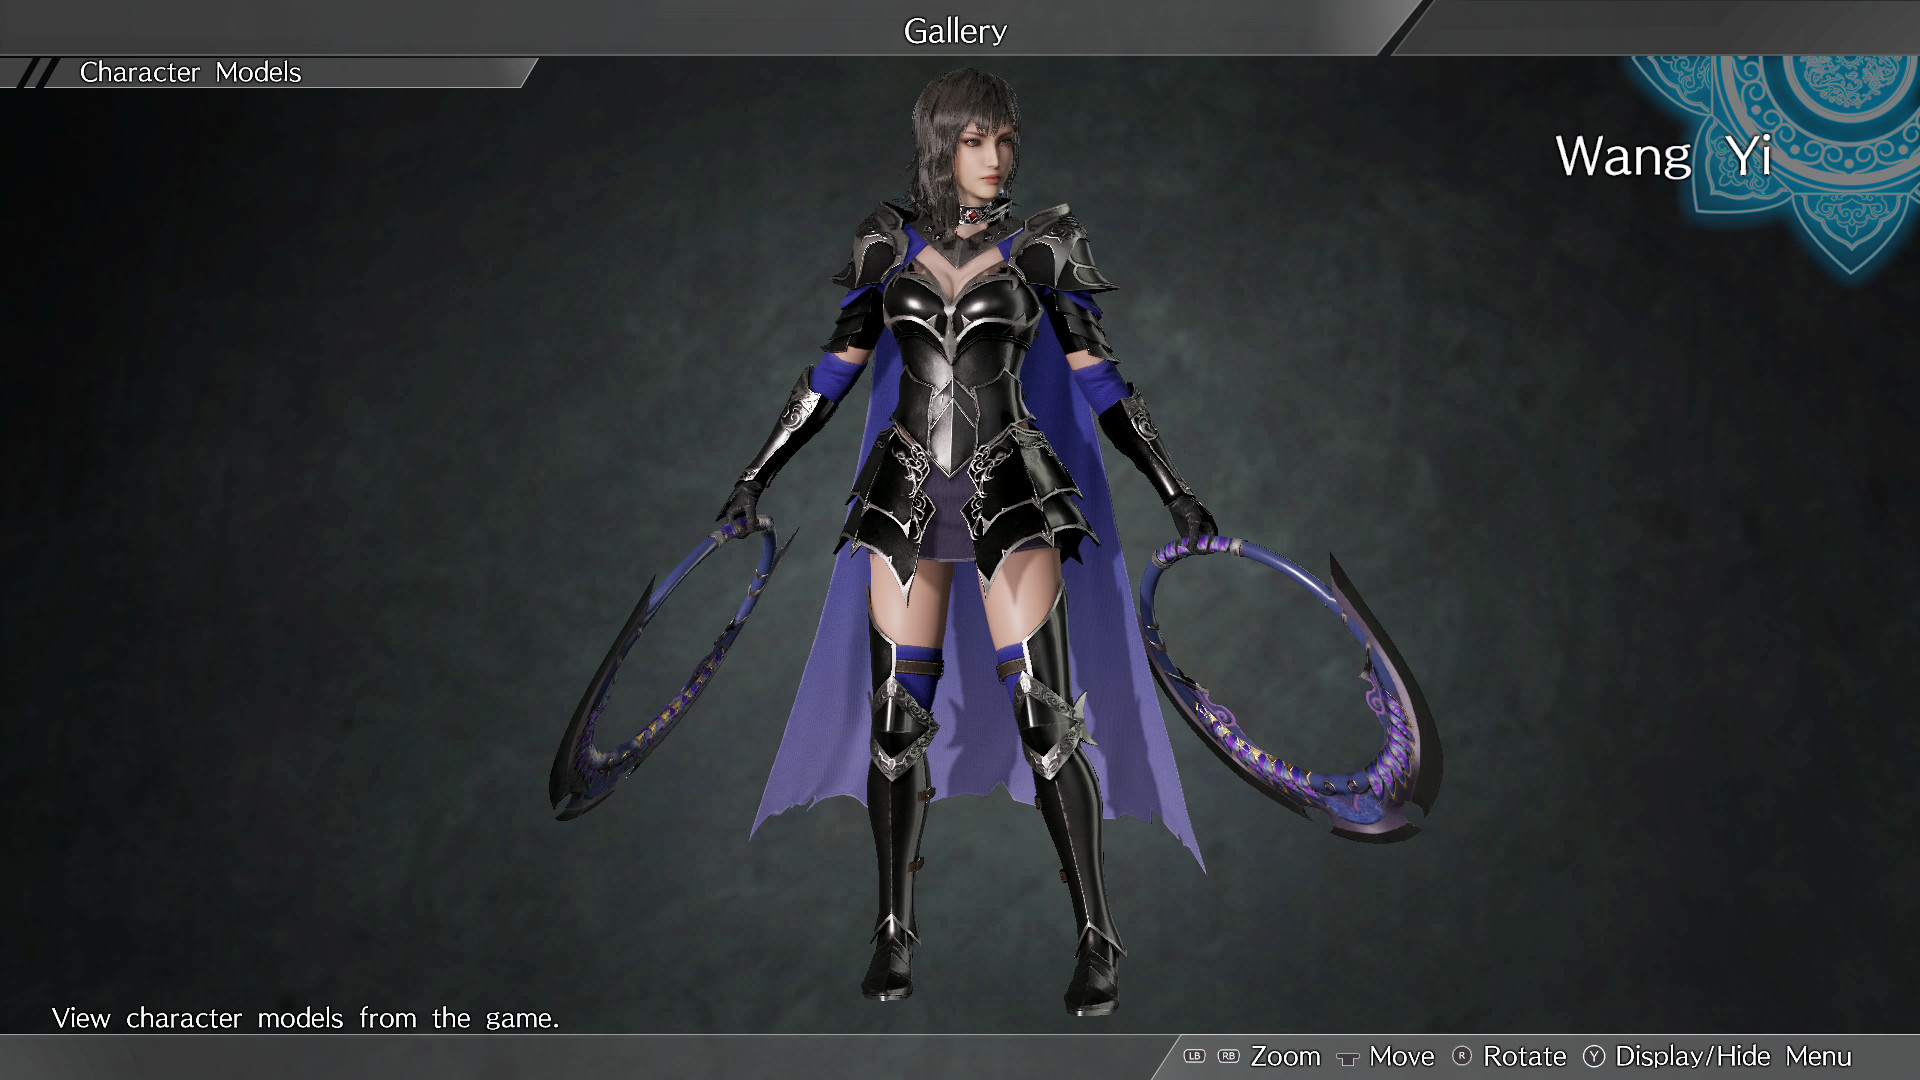 """DYNASTY WARRIORS 9: Wang Yi """"Knight Costume"""" / 王異「騎士風コスチューム」 screenshot"""